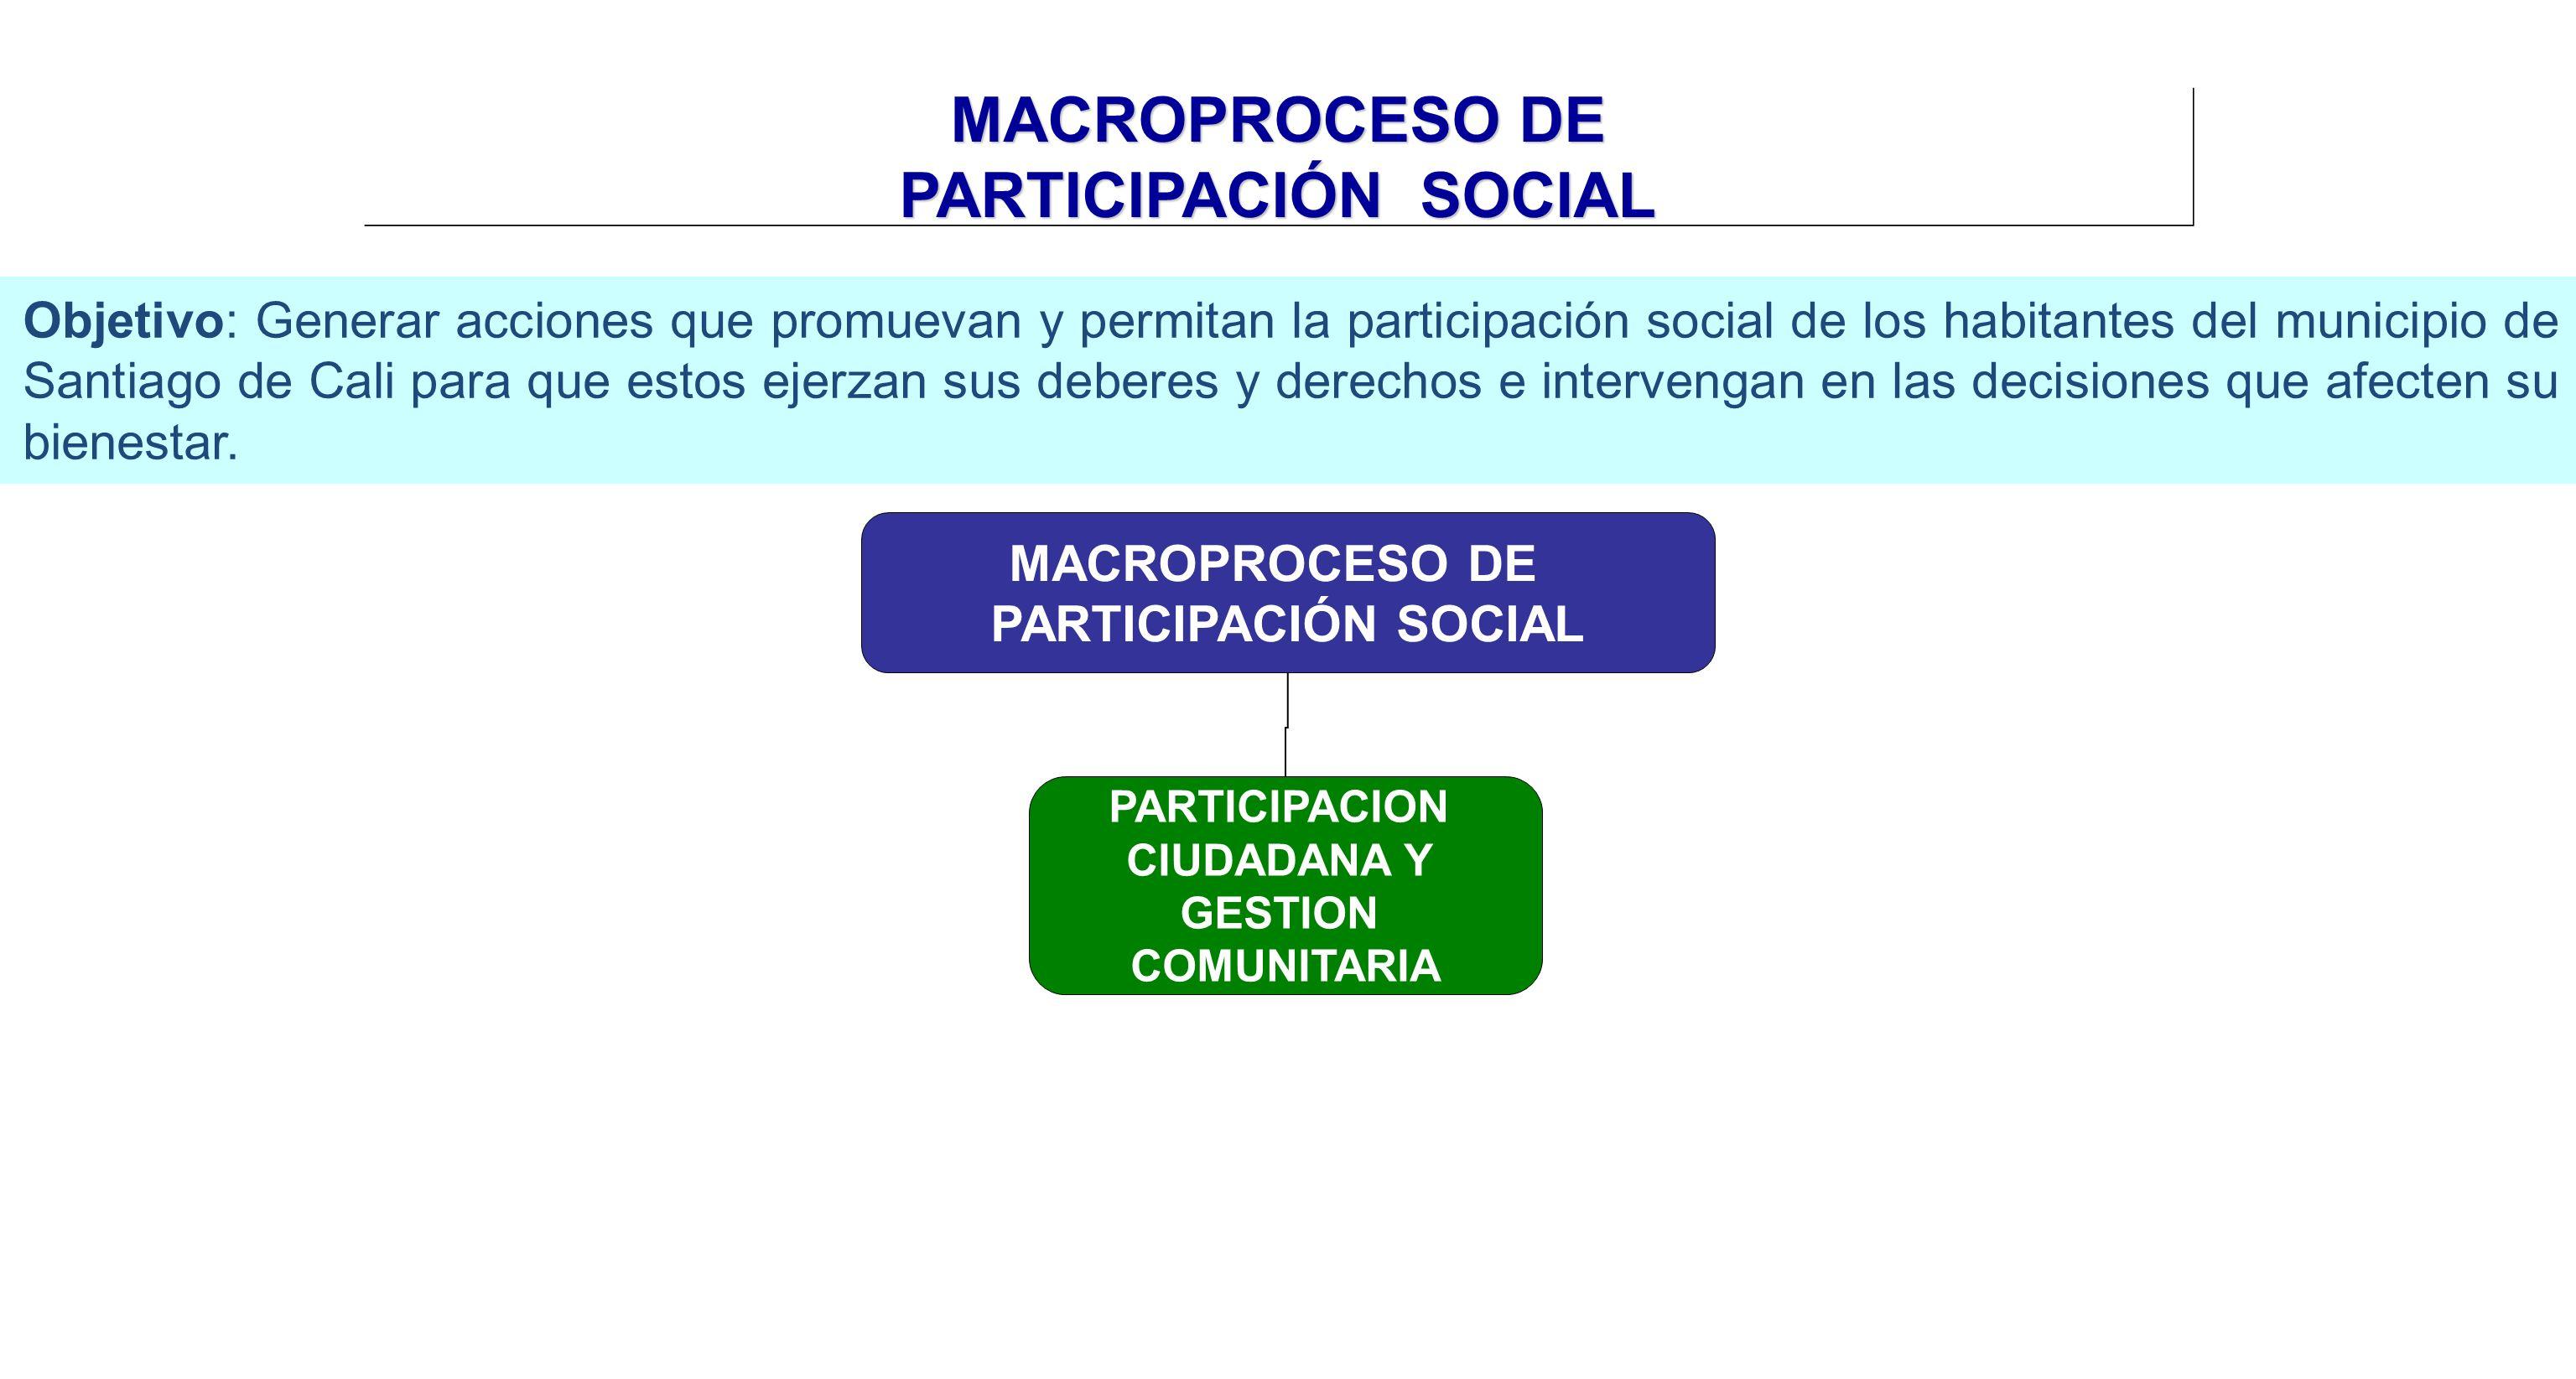 MACROPROCESO DE PARTICIPACIÓN SOCIAL PARTICIPACION CIUDADANA Y GESTION COMUNITARIA MACROPROCESO DE PARTICIPACIÓN SOCIAL Objetivo: Generar acciones que